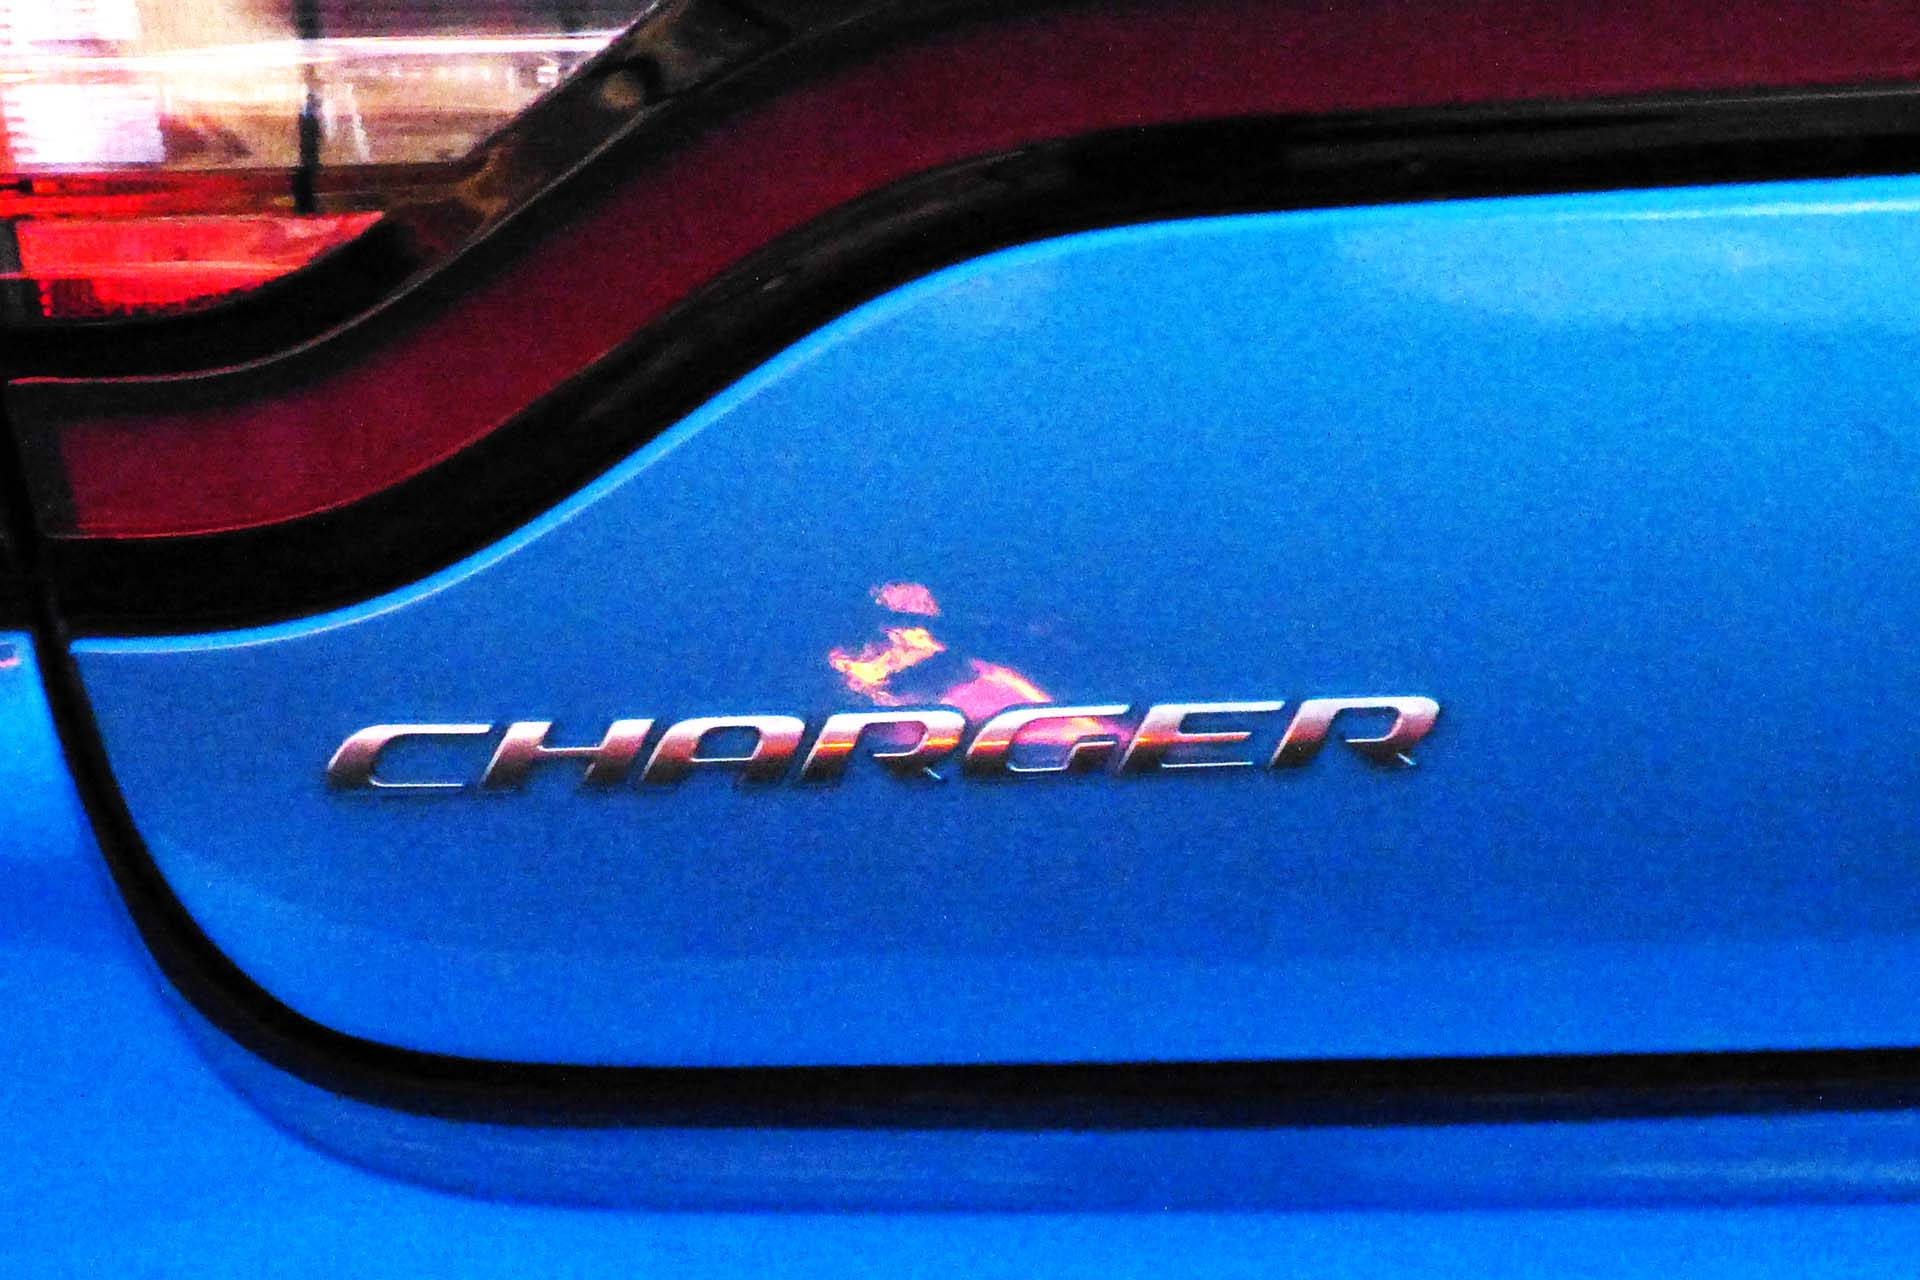 2016 Dodge Charger SRT 392 Hemi